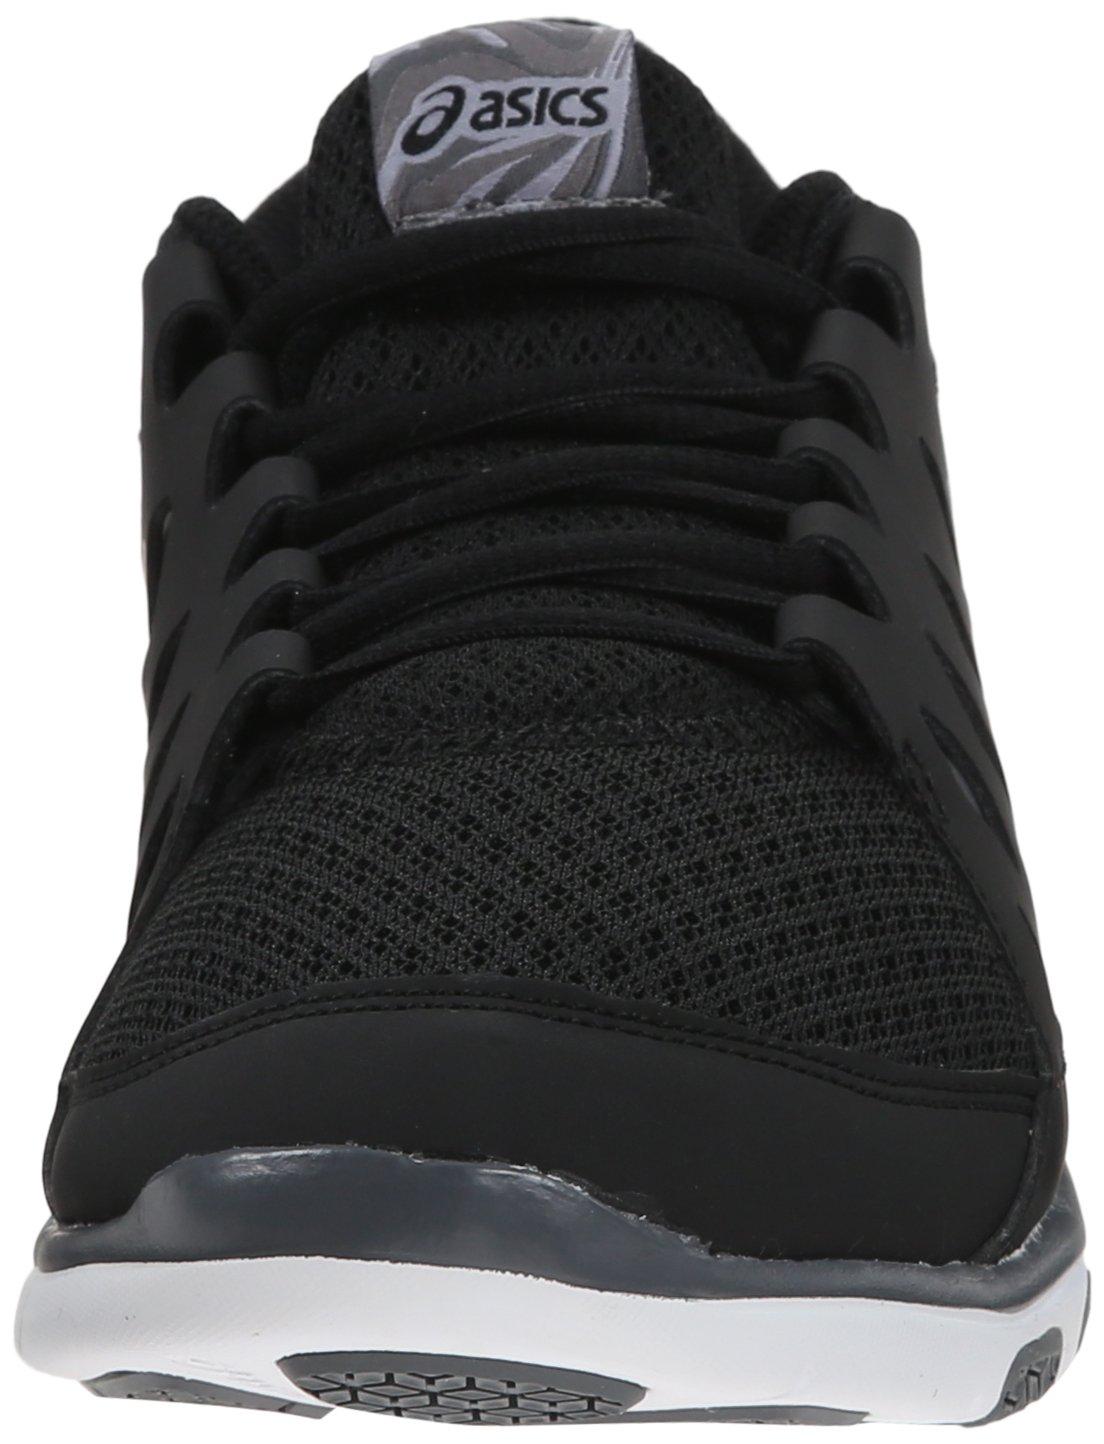 Zapato de Negro de entrenamiento GEL Fit Fit/ Tempo GEL 2 B01MQYW5YE de ASICS 9365232 - resepmasakannusantara.website